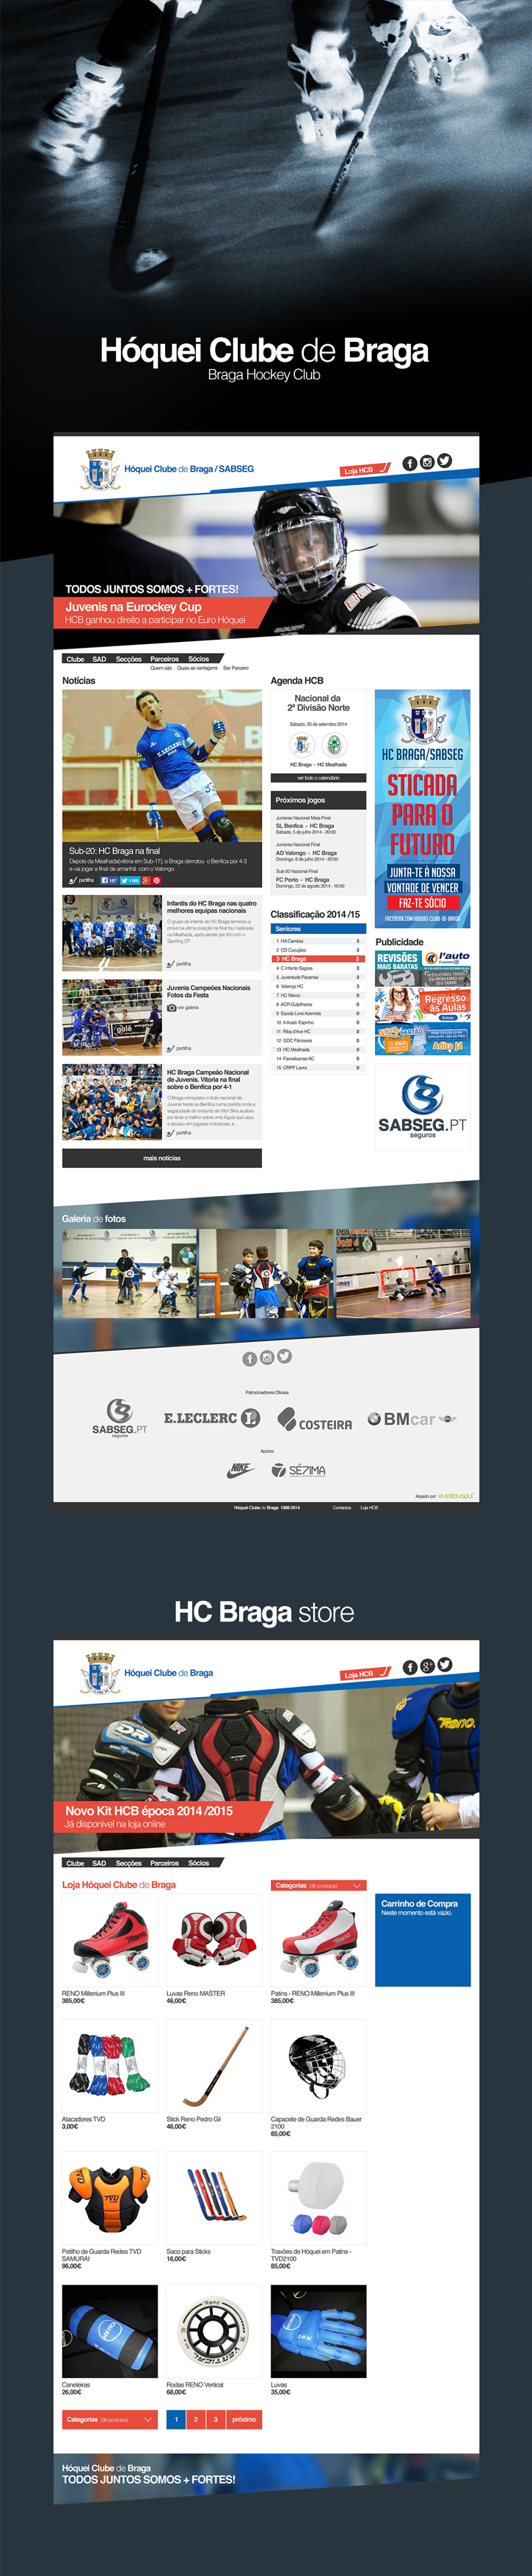 Website desenvolvido pela Sétima para o Hóquei Clube de Braga. - Website for the Braga Hockey Club developed by Sétima. http://www.hcbraga.pt/